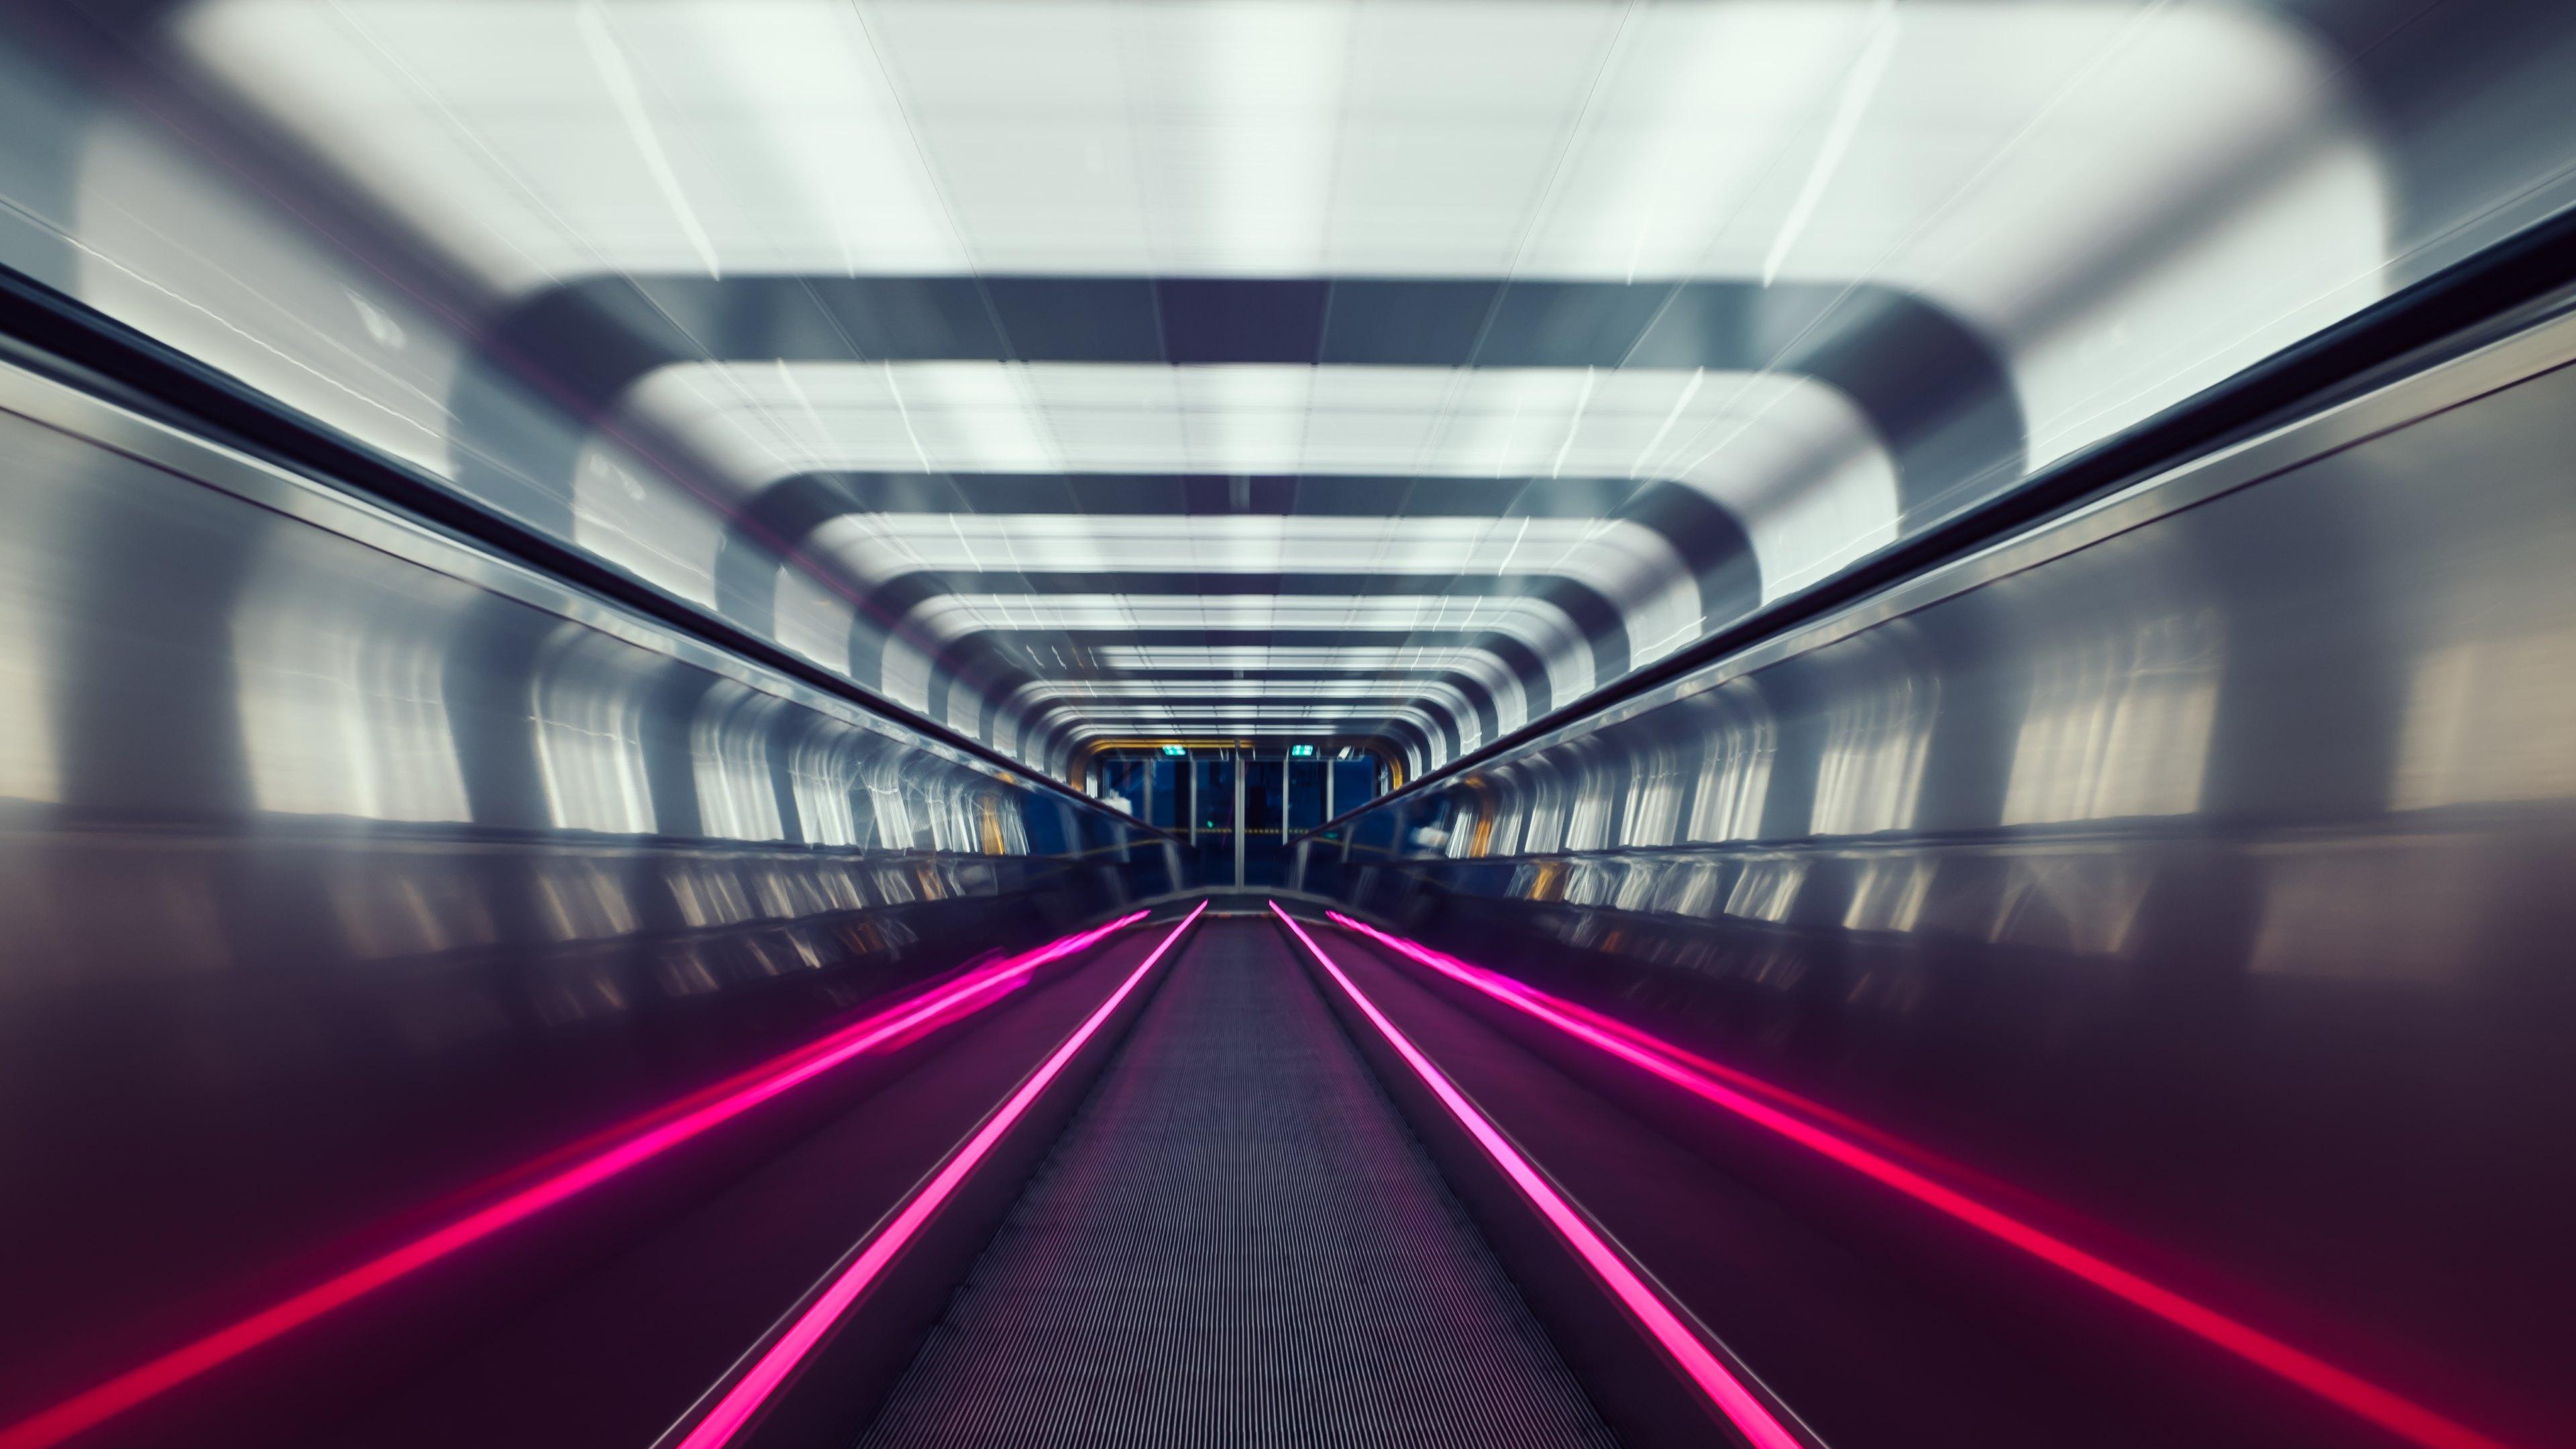 Subway tunnel in oslo norway 4k ultra hd wallpaper - Wallpaper hd 4k ...